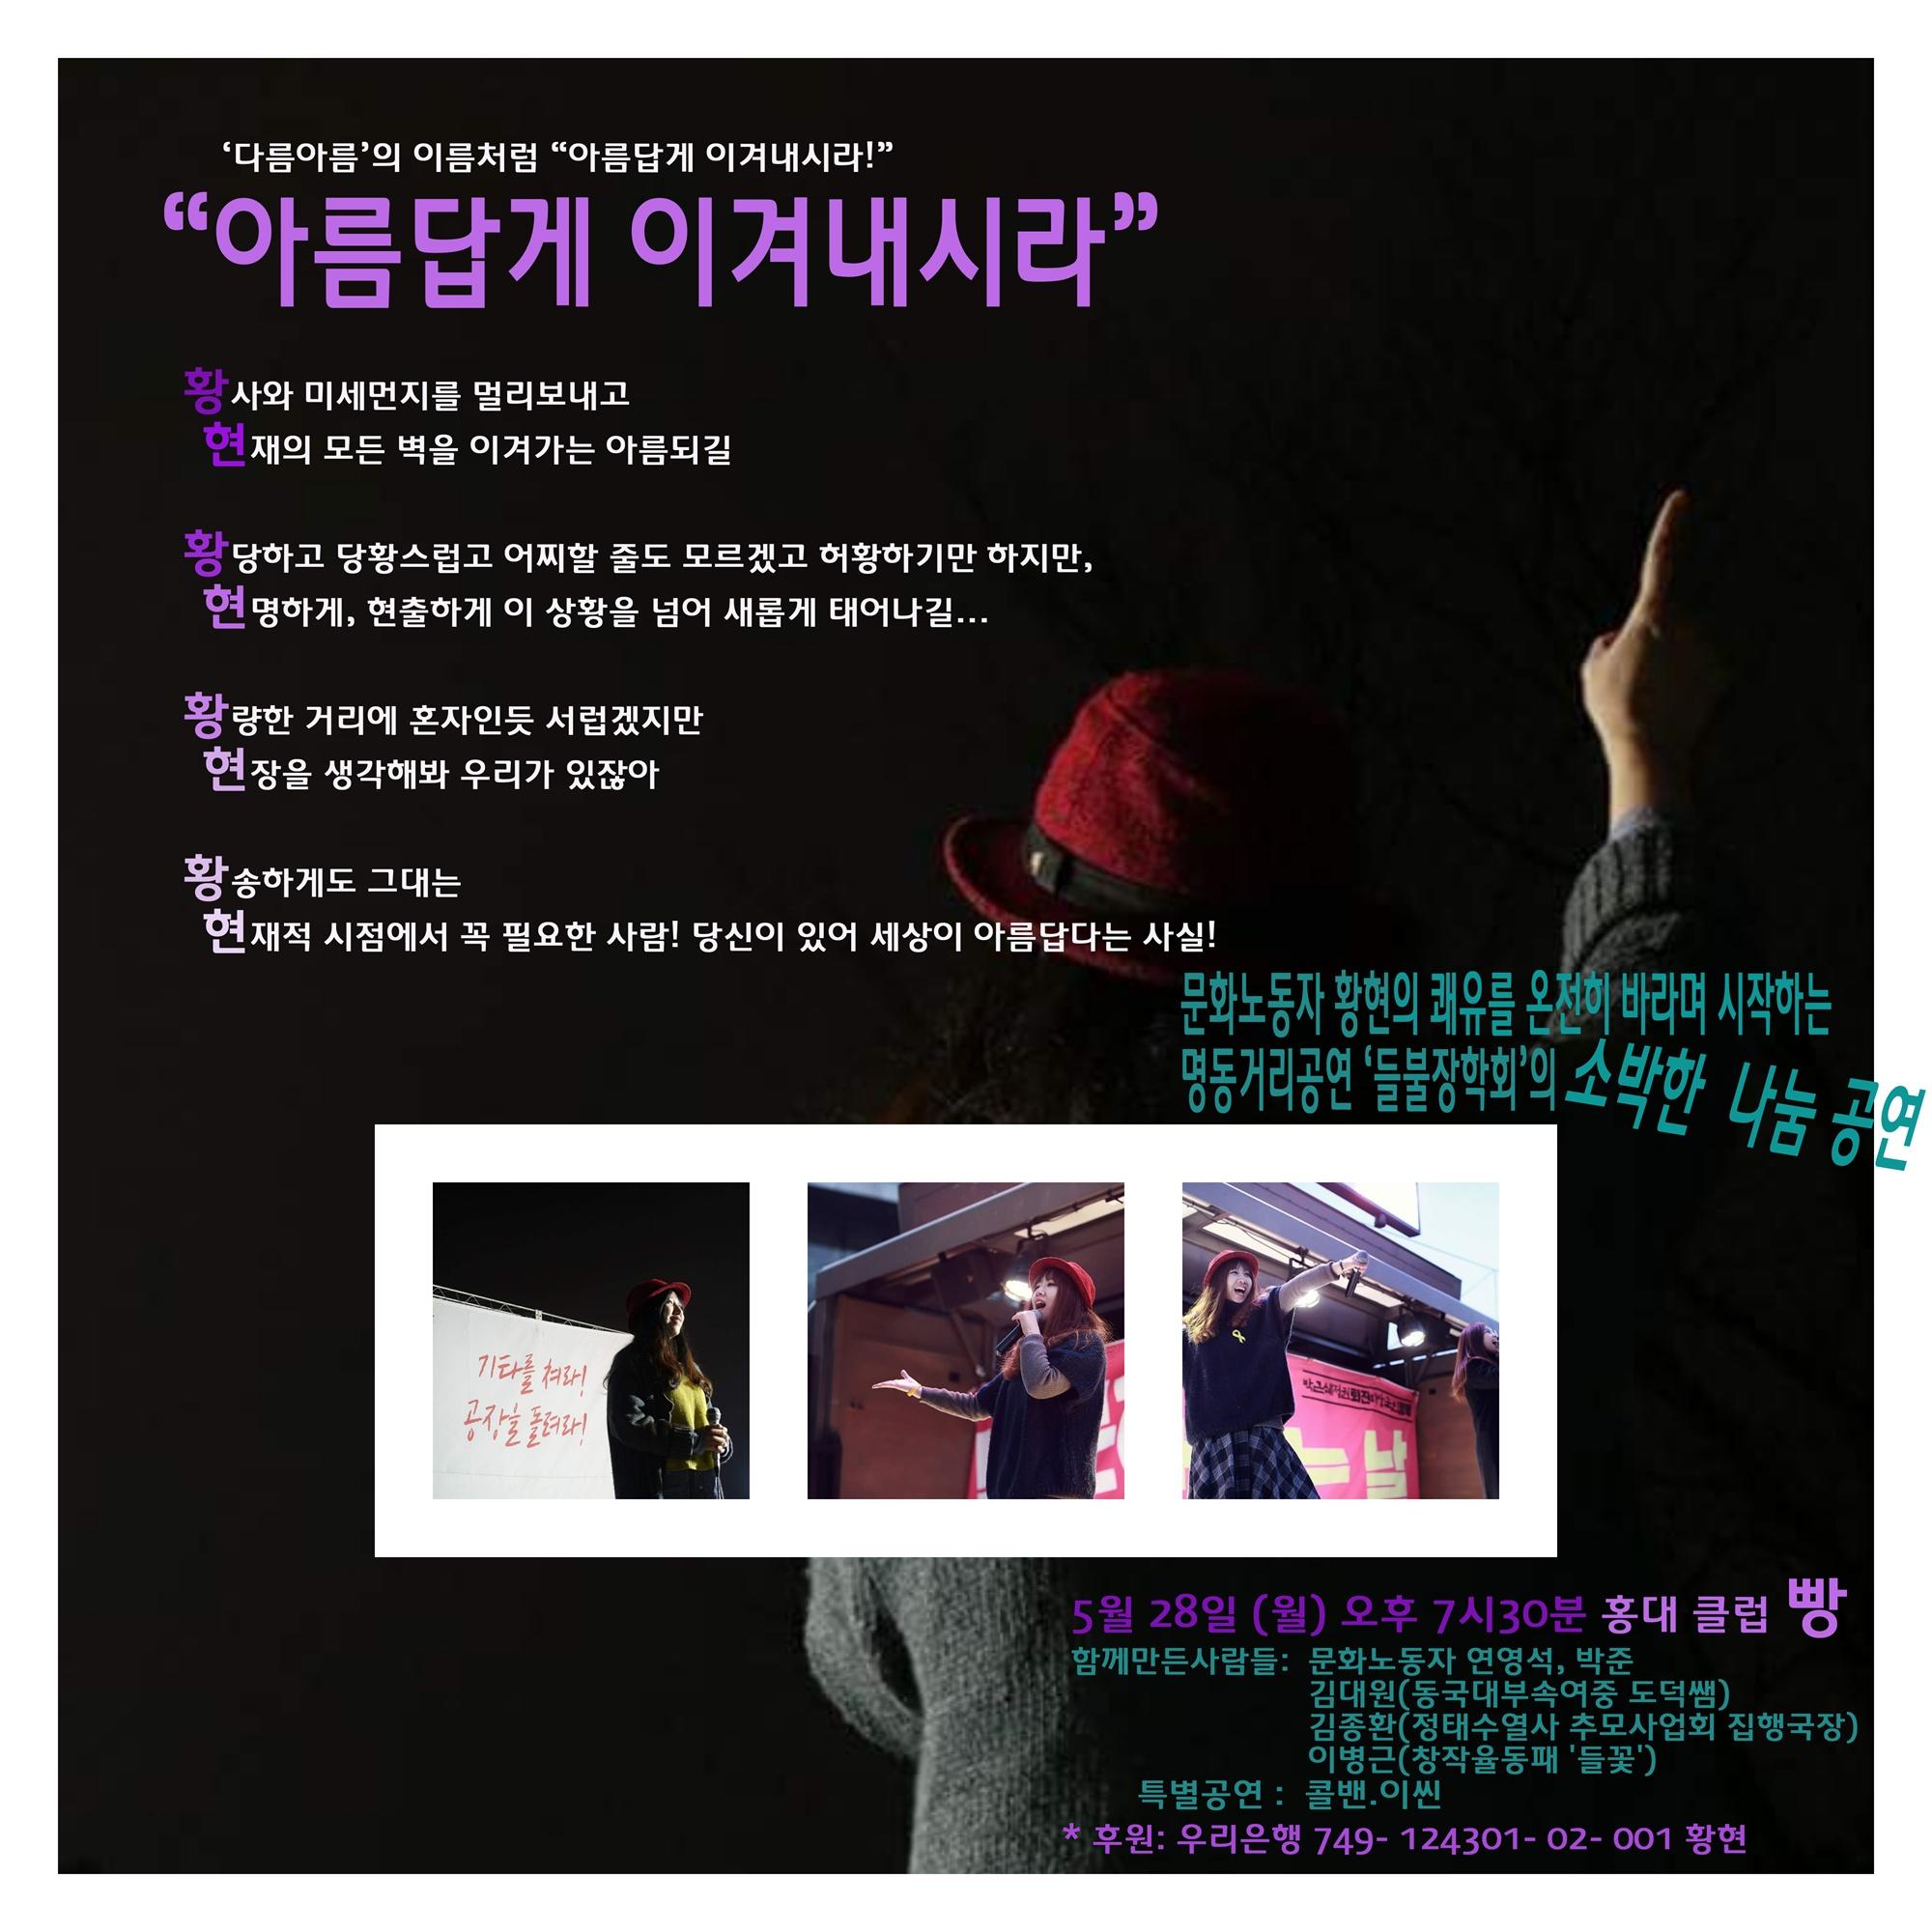 투쟁/이슈 - [질라라비/201809] 아름답게 이겨내시라! / 박선봉